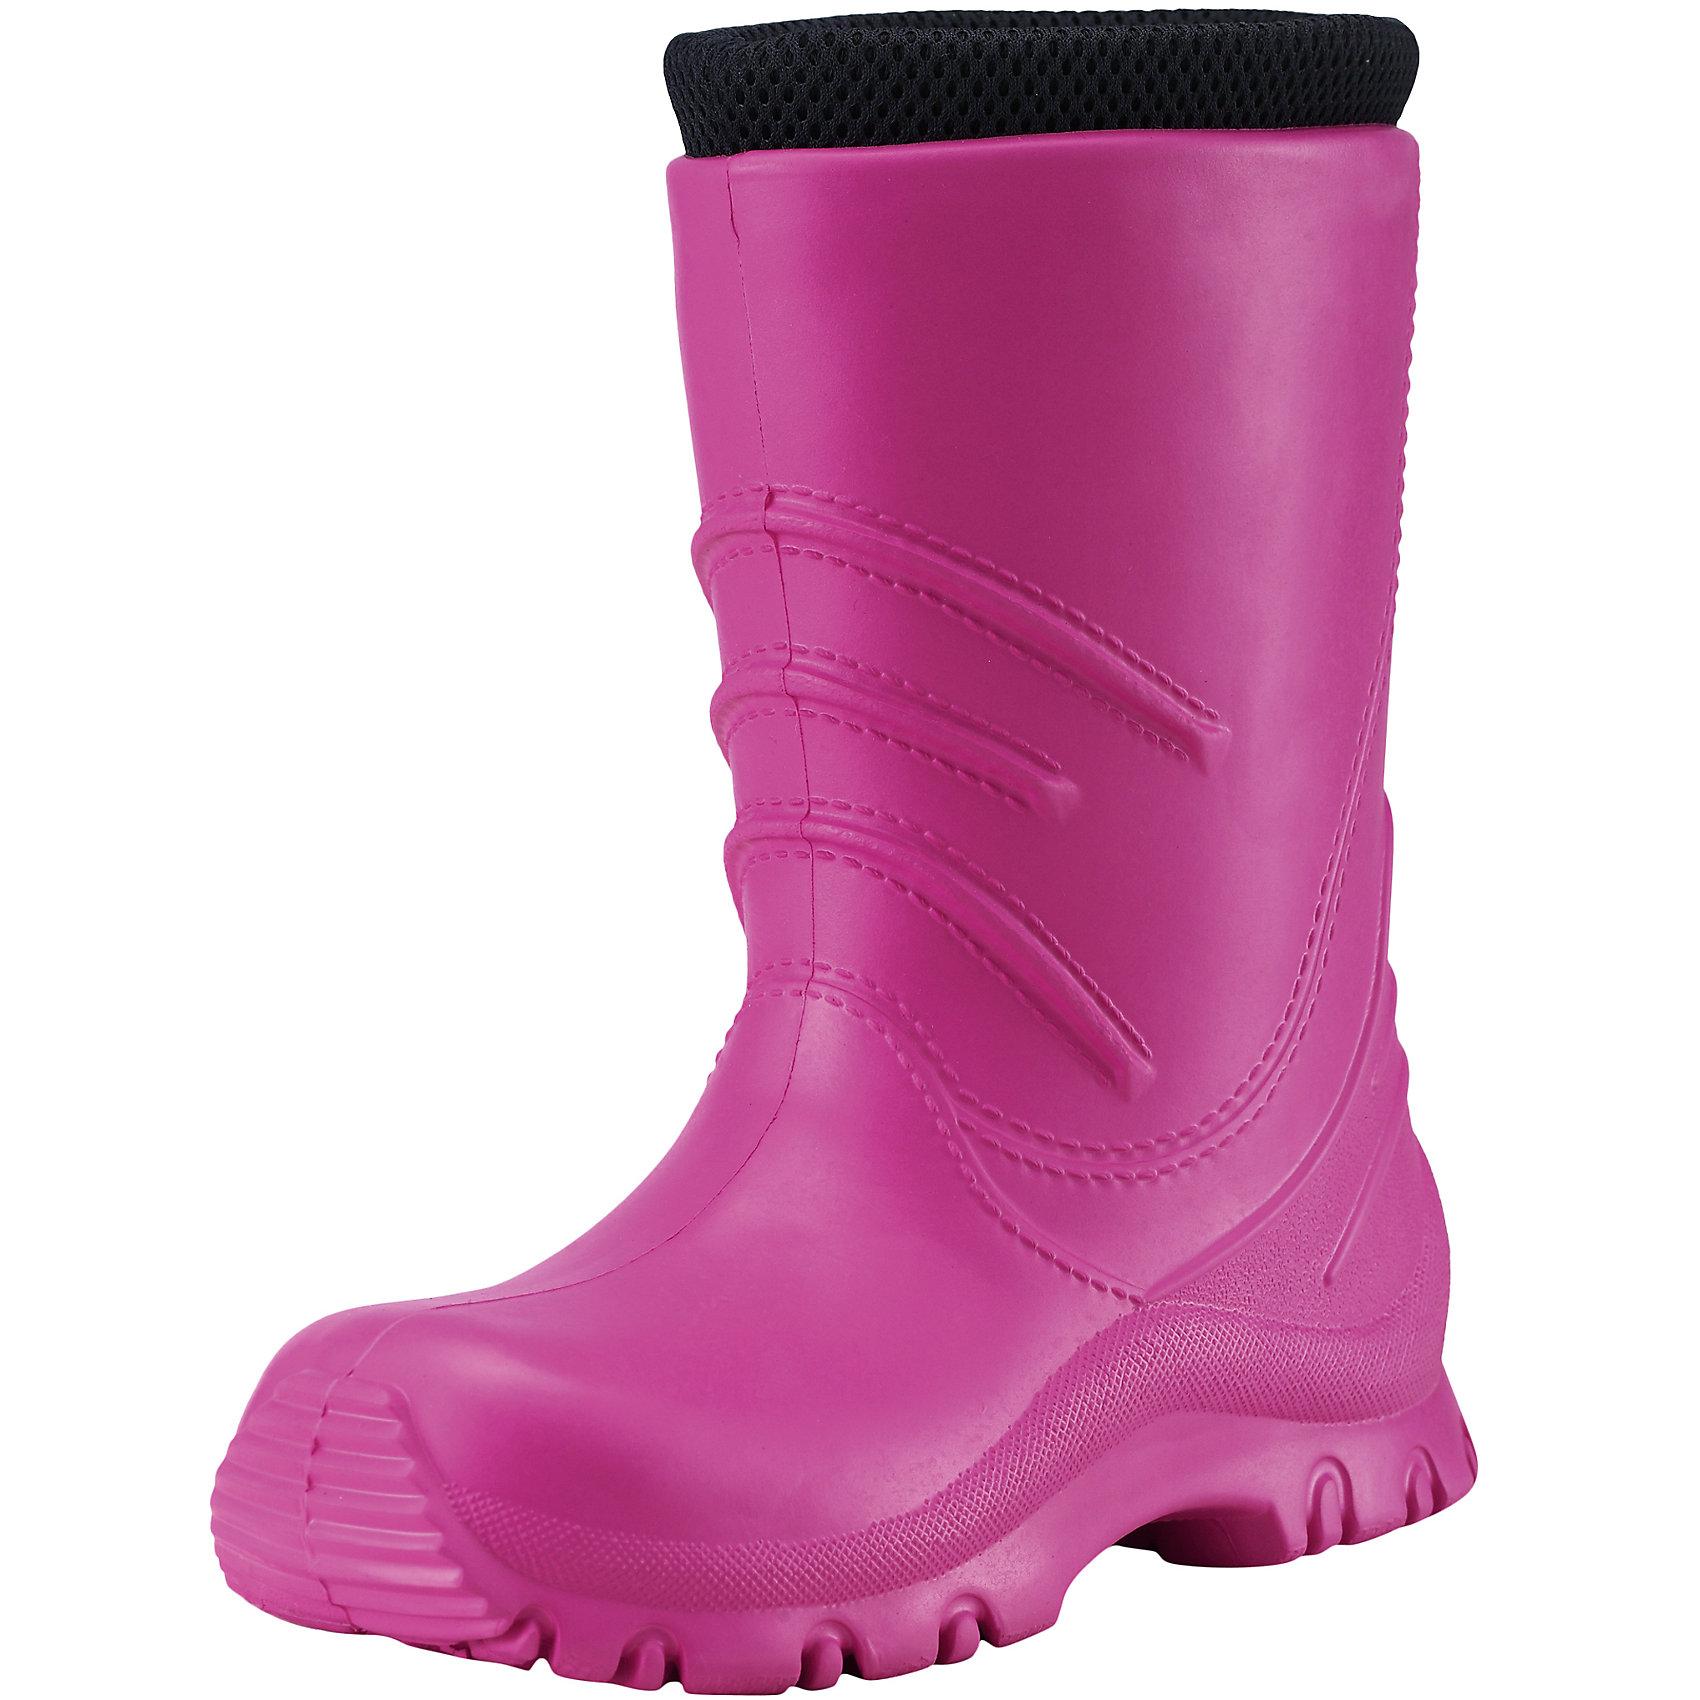 Резиновые сапоги Frillo Reimatec® ReimaРезиновые сапоги<br>Резиновые сапоги  Reimatec® Reima<br>Резиновые сапоги для детей и малышей. Водонепроницаемая демисезонная обувь. Эластичная и легкая подошва из ЭВА. Текстильная подкладка. Съемный носок. Легко надеваются на ноги. Без ПХВ.<br>Уход:<br>Храните обувь в вертикальном положении при комнатной температуре. Сушить обувь всегда следует при комнатной температуре: вынув съемные стельки. Стельки следует время от времени заменять на новые. Налипшую грязь можно счищать щеткой или влажной тряпкой. Перед использованием обувь рекомендуется обрабатывать специальными защитными средствами.<br>Состав:<br>Подошва: 100% EVA, Верх: 100% EVA<br><br>Ширина мм: 237<br>Глубина мм: 180<br>Высота мм: 152<br>Вес г: 438<br>Цвет: розовый<br>Возраст от месяцев: 72<br>Возраст до месяцев: 84<br>Пол: Женский<br>Возраст: Детский<br>Размер: 30,28,24,32,34,22,26<br>SKU: 4776648